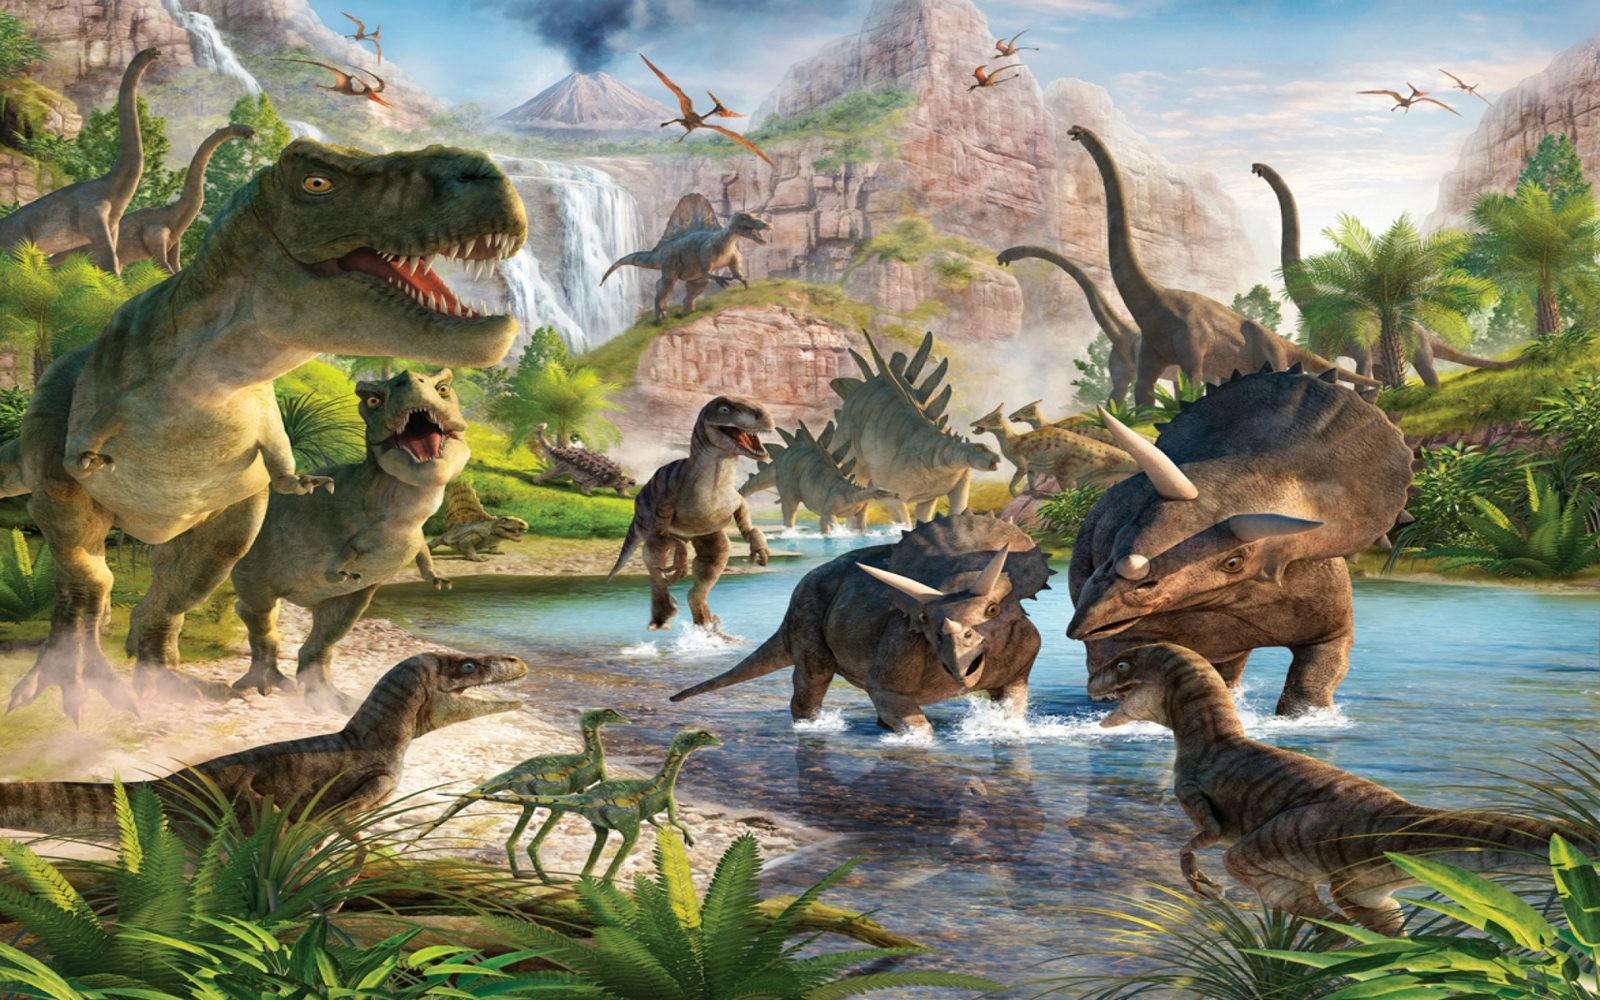 第六讲:《侏罗纪公园》是如何复活恐龙的?